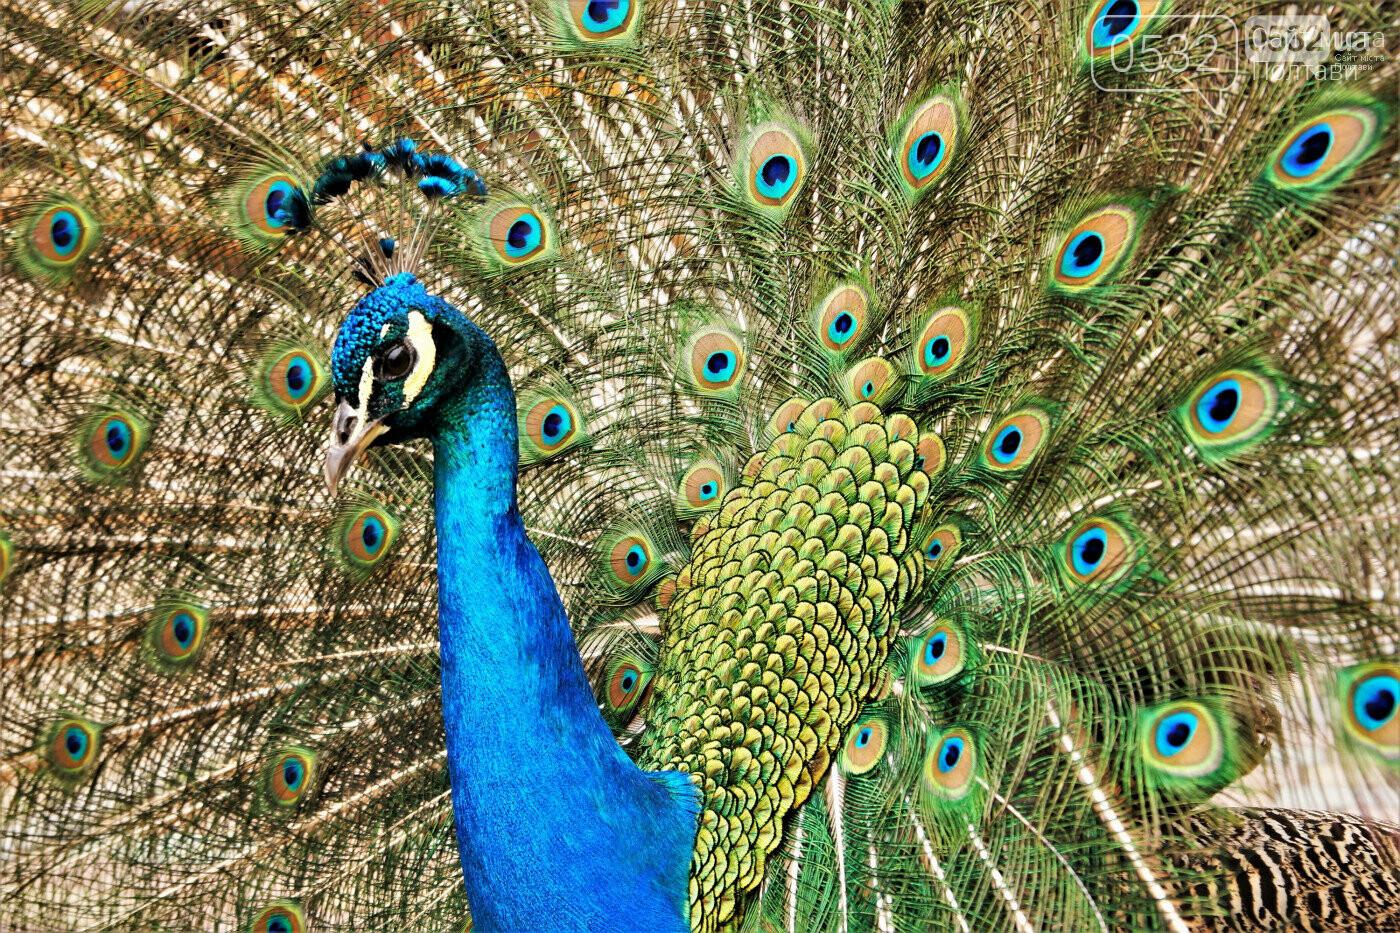 Шедеври кухні, райська природа, контактний зоопарк – вас чекає «Vivat Провінція», фото-13